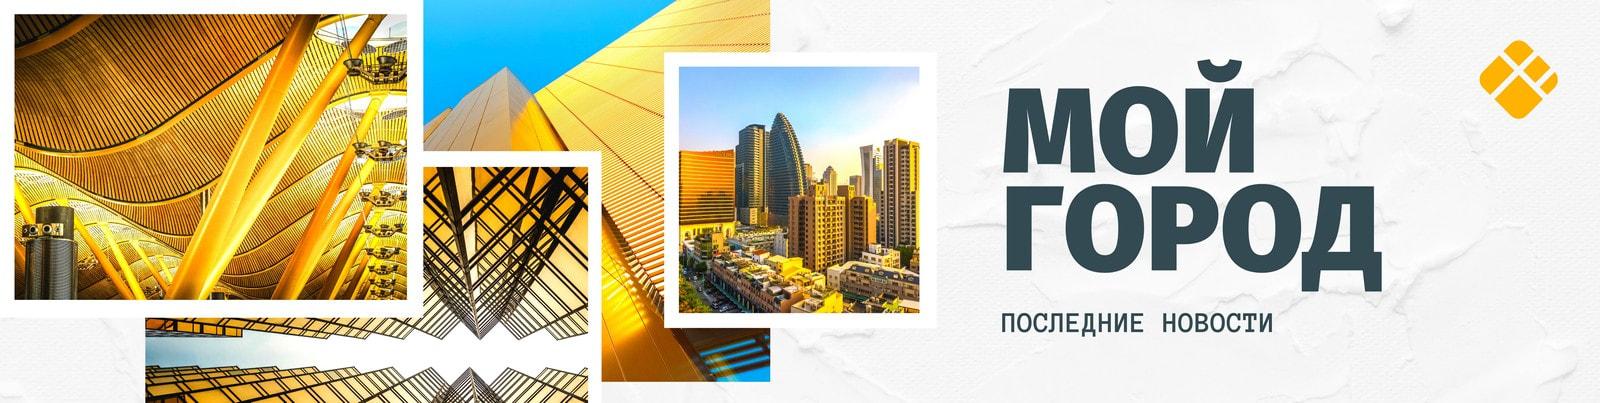 Белая обложка группы в ВК с желтыми и голубыми фотографиями города